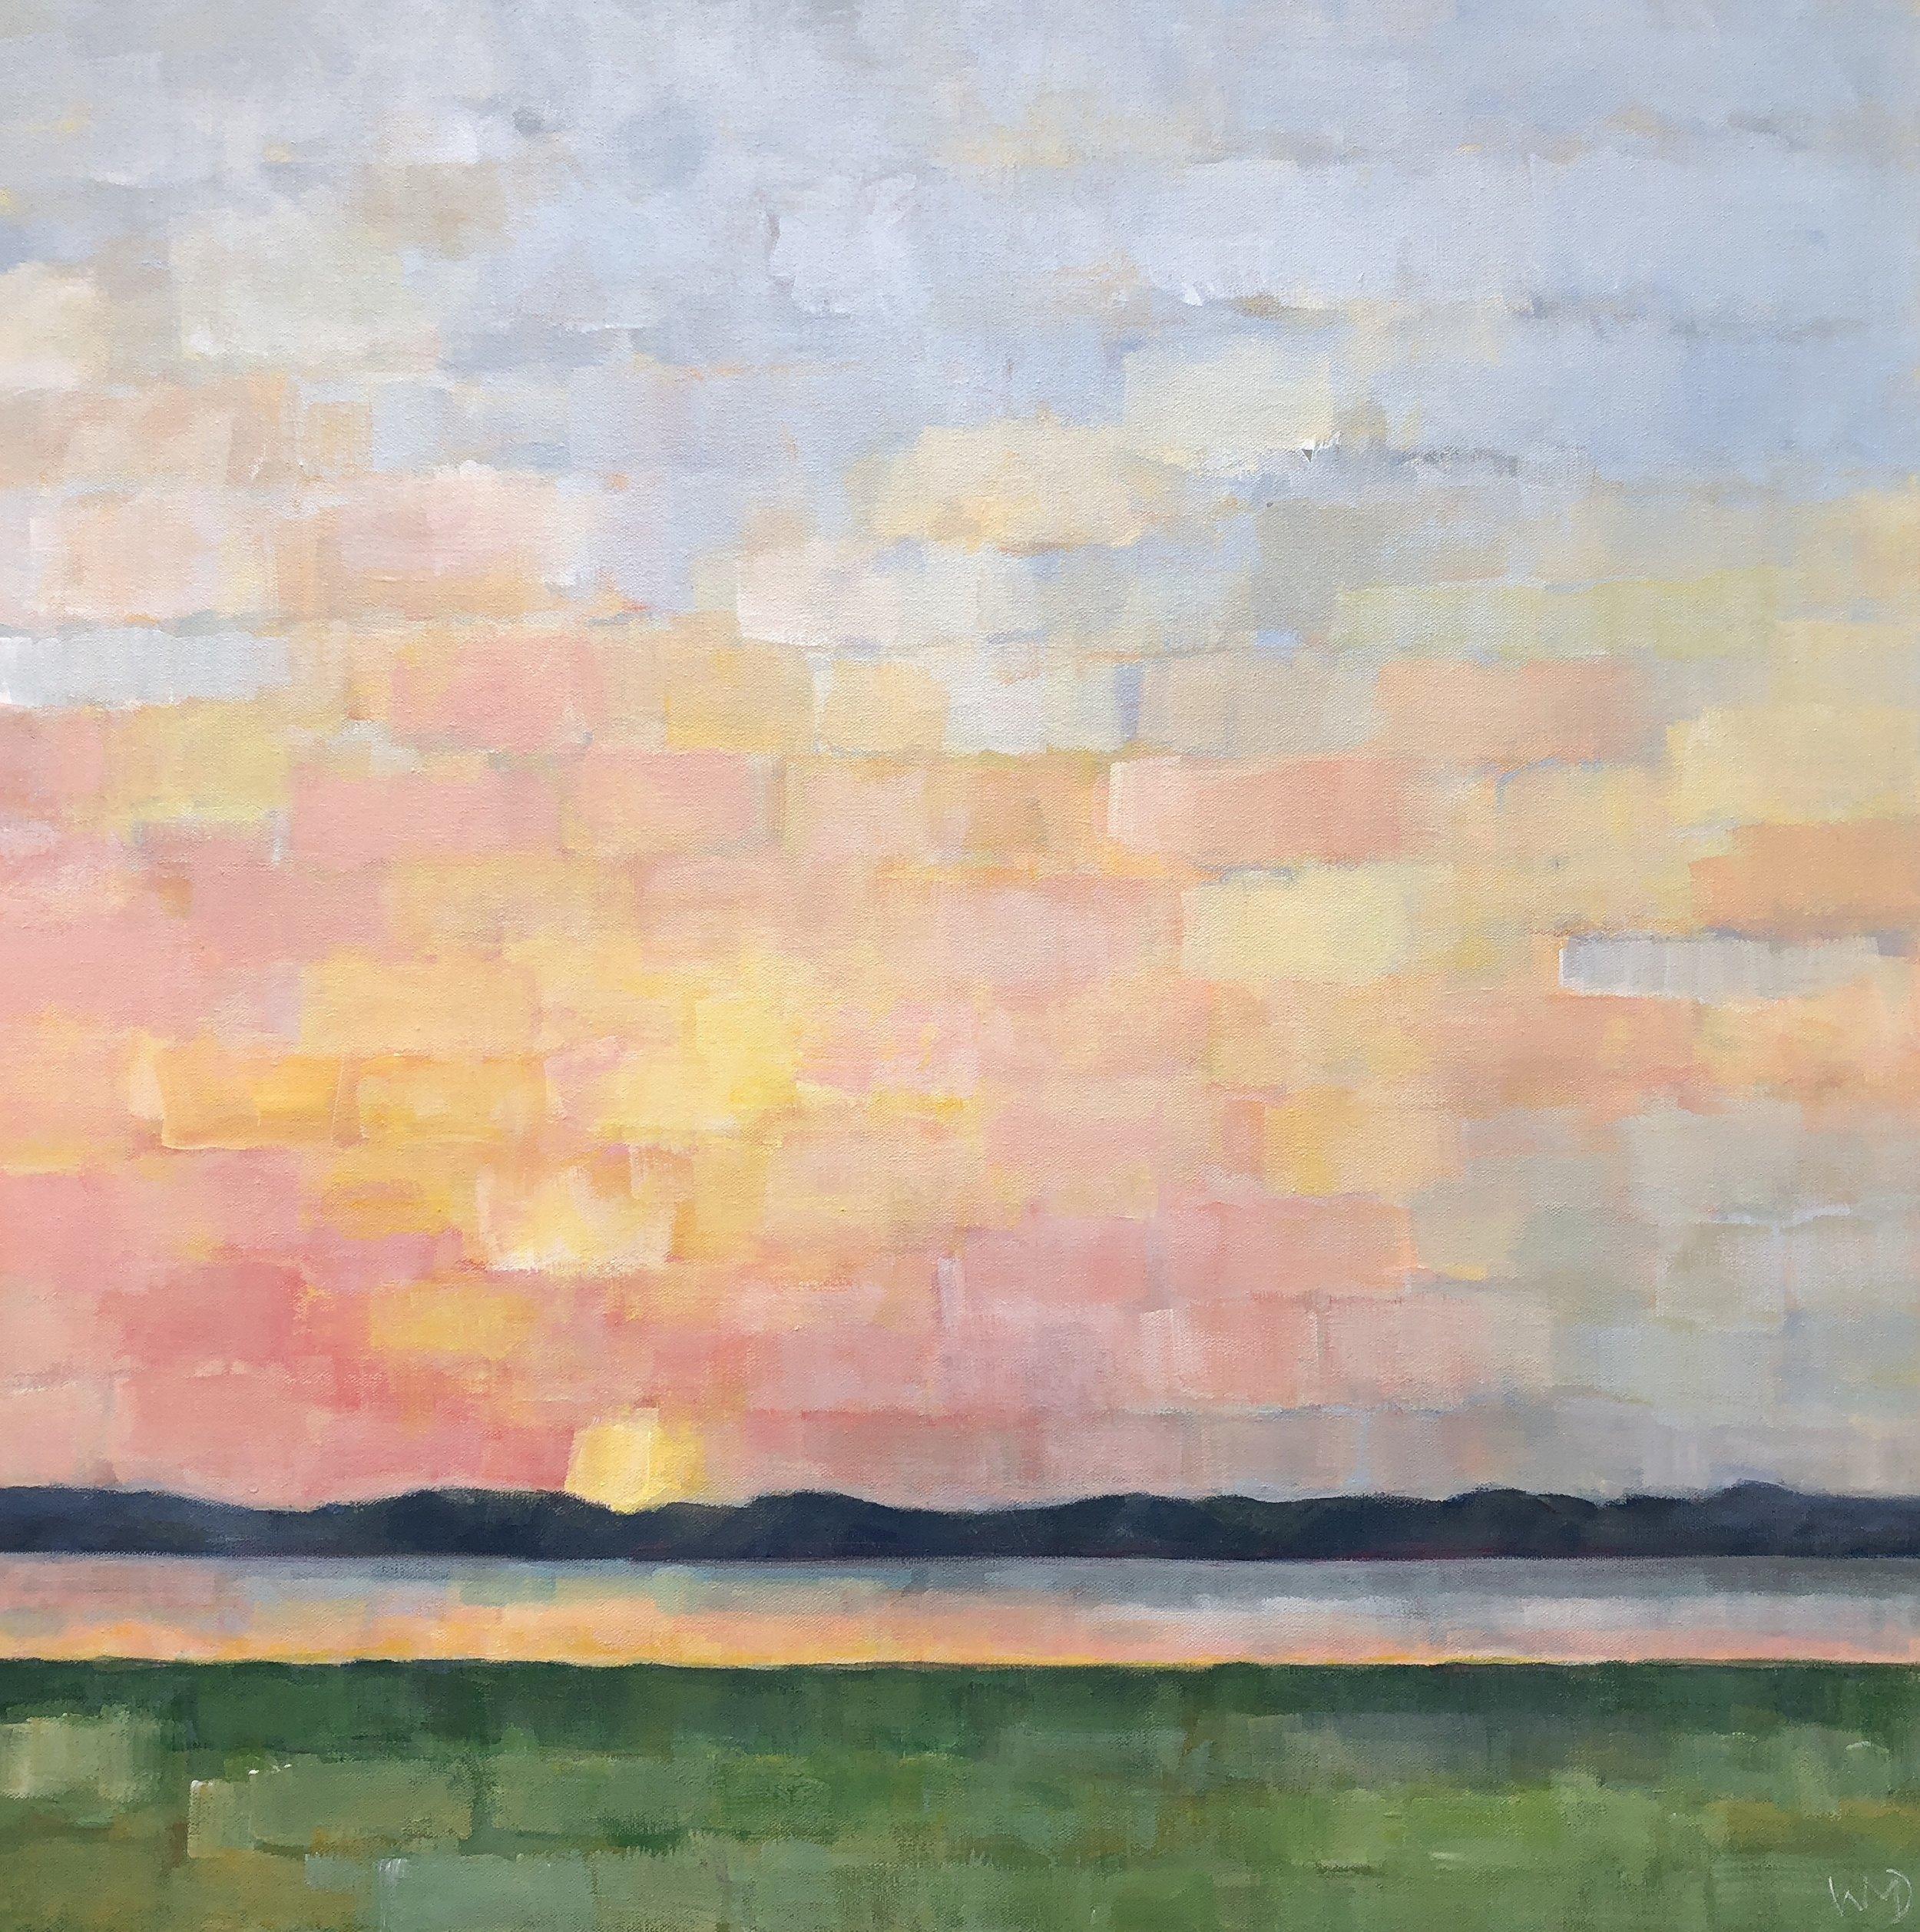 Shorescape commission